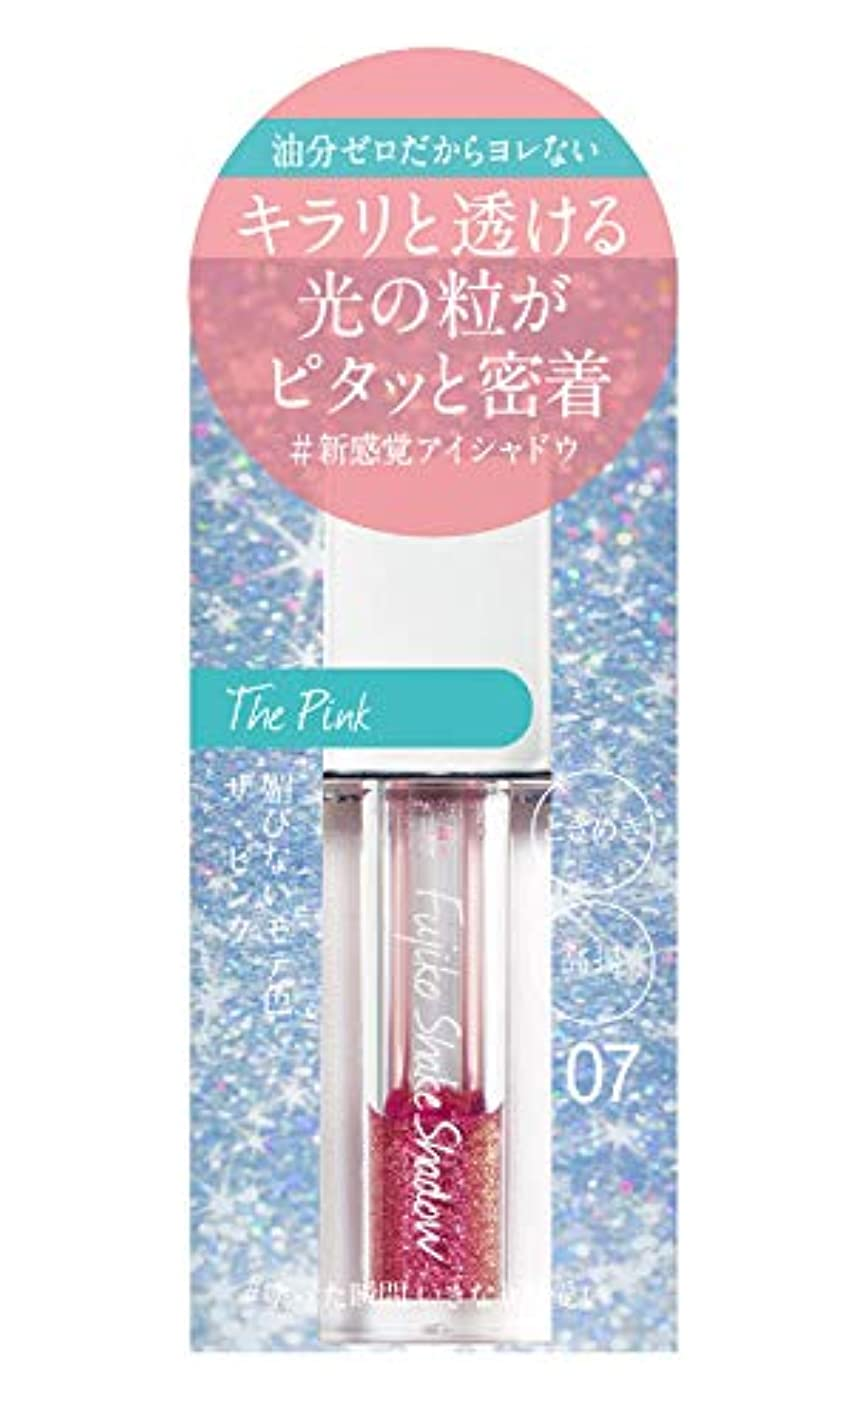 性別地元体系的にFujiko(フジコ) フジコ シェイクシャドウ 07 THE ピンク 5g アイシャドウ THEピンク